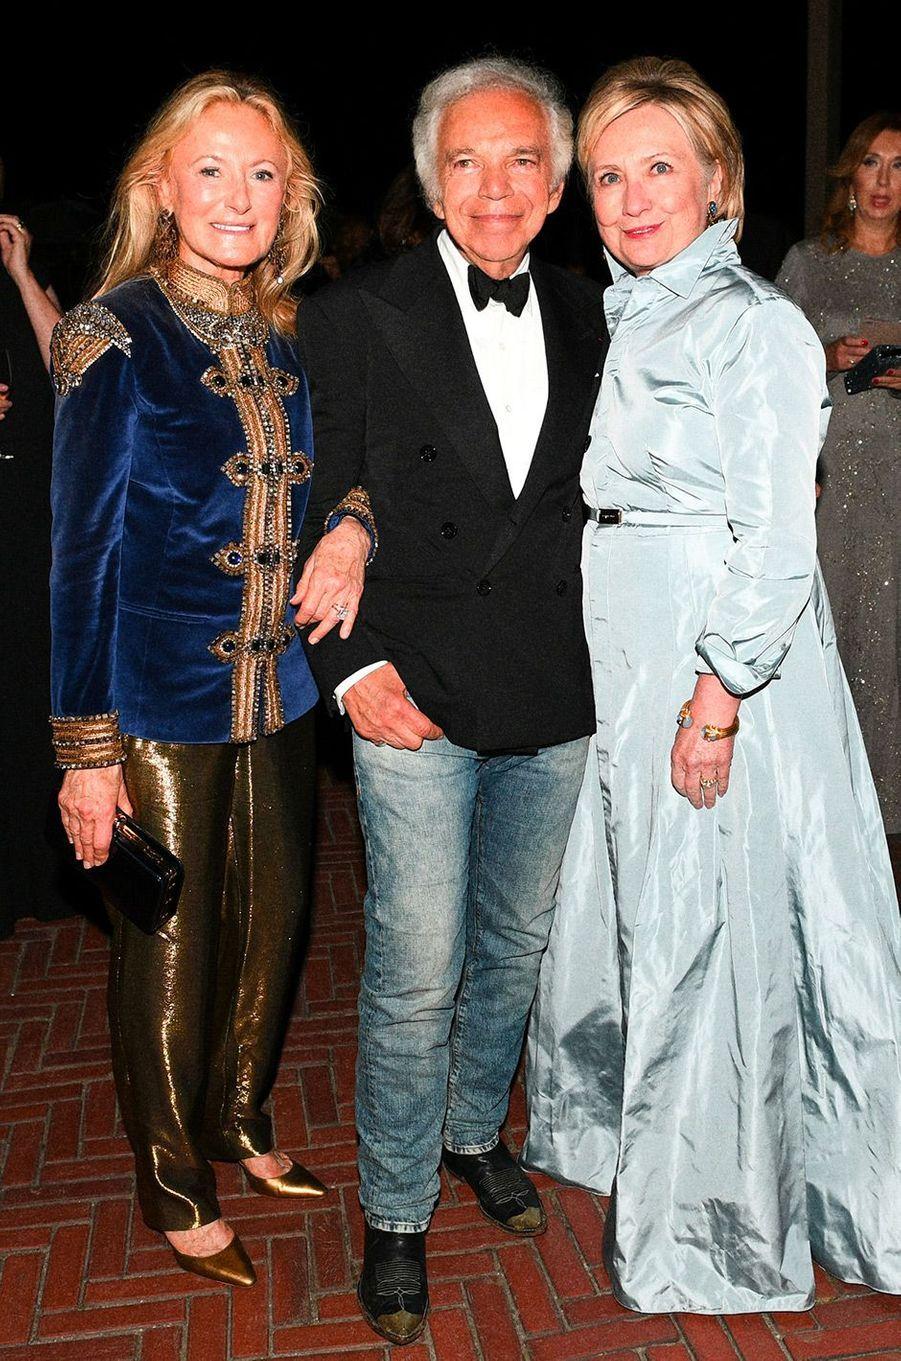 Ralph Laurent et Hillary Clinton à la soirée des 50 ans de Ralph Lauren à New York, vendredi 7 septembre